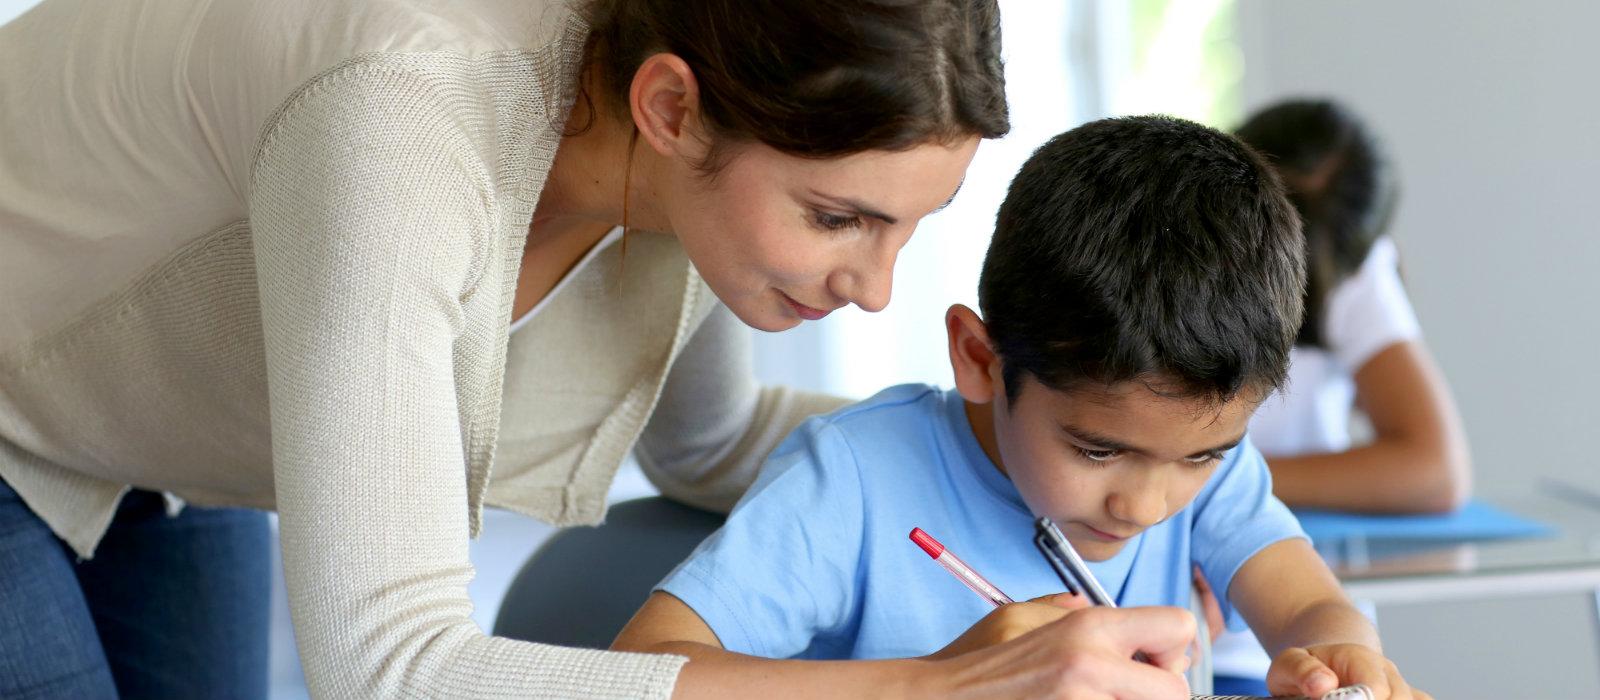 come scegliere il docente perfetto